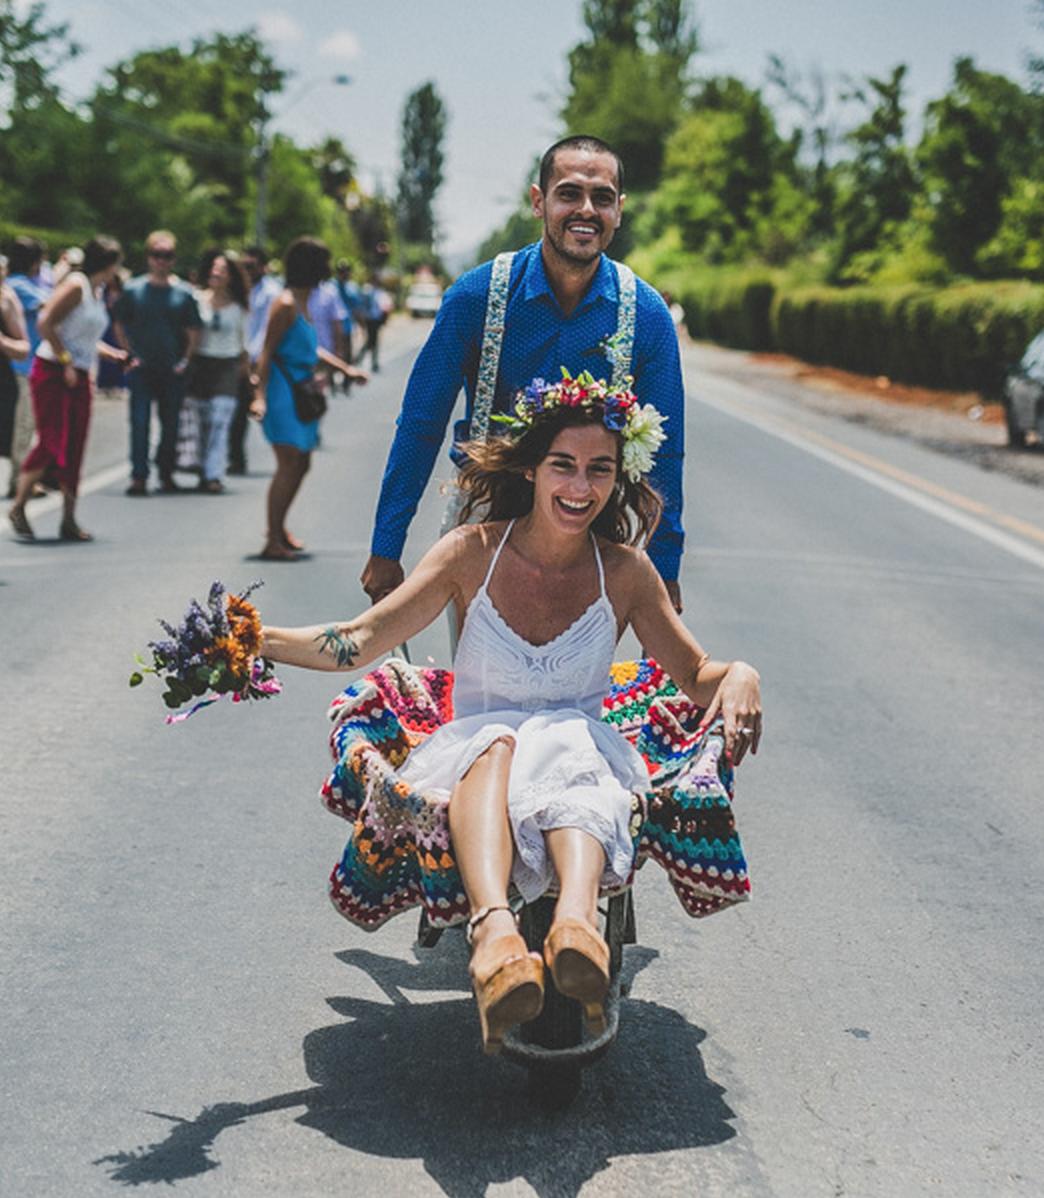 """Entrevista a Mónica Muñoz, fotógrafa especialista en matrimonios: """"Mientras más mostremos lo increíble que es el amor, más rápido vamos a avanzar"""""""